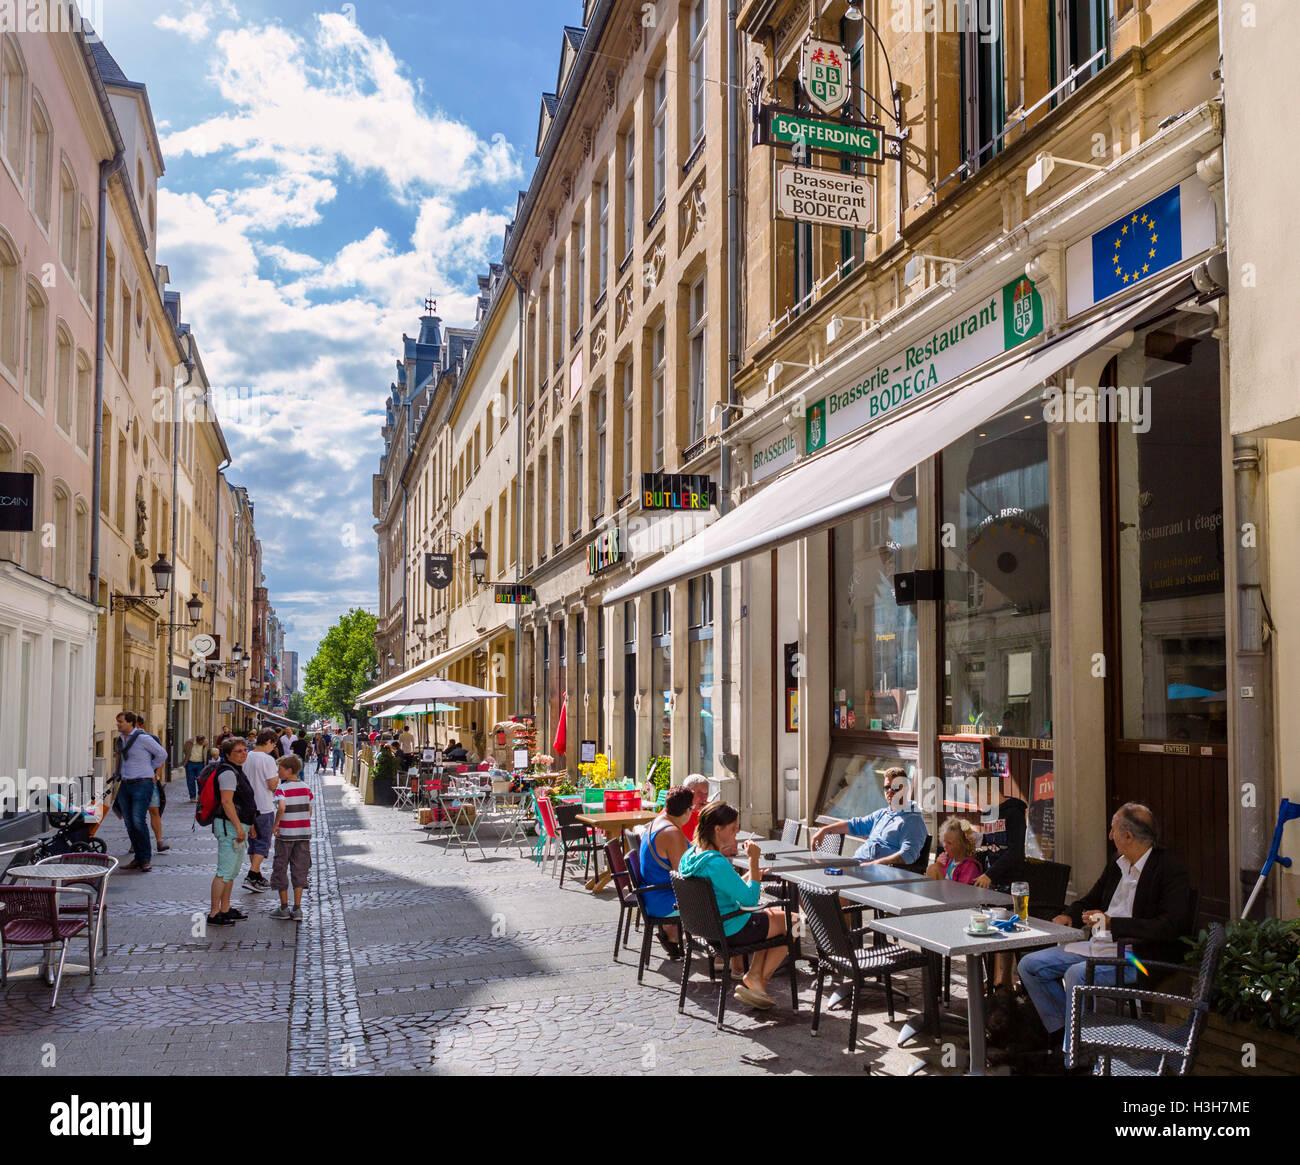 caf s auf der rue du heilung in der altstadt la vieille ville luxemburg luxemburg stockfoto. Black Bedroom Furniture Sets. Home Design Ideas